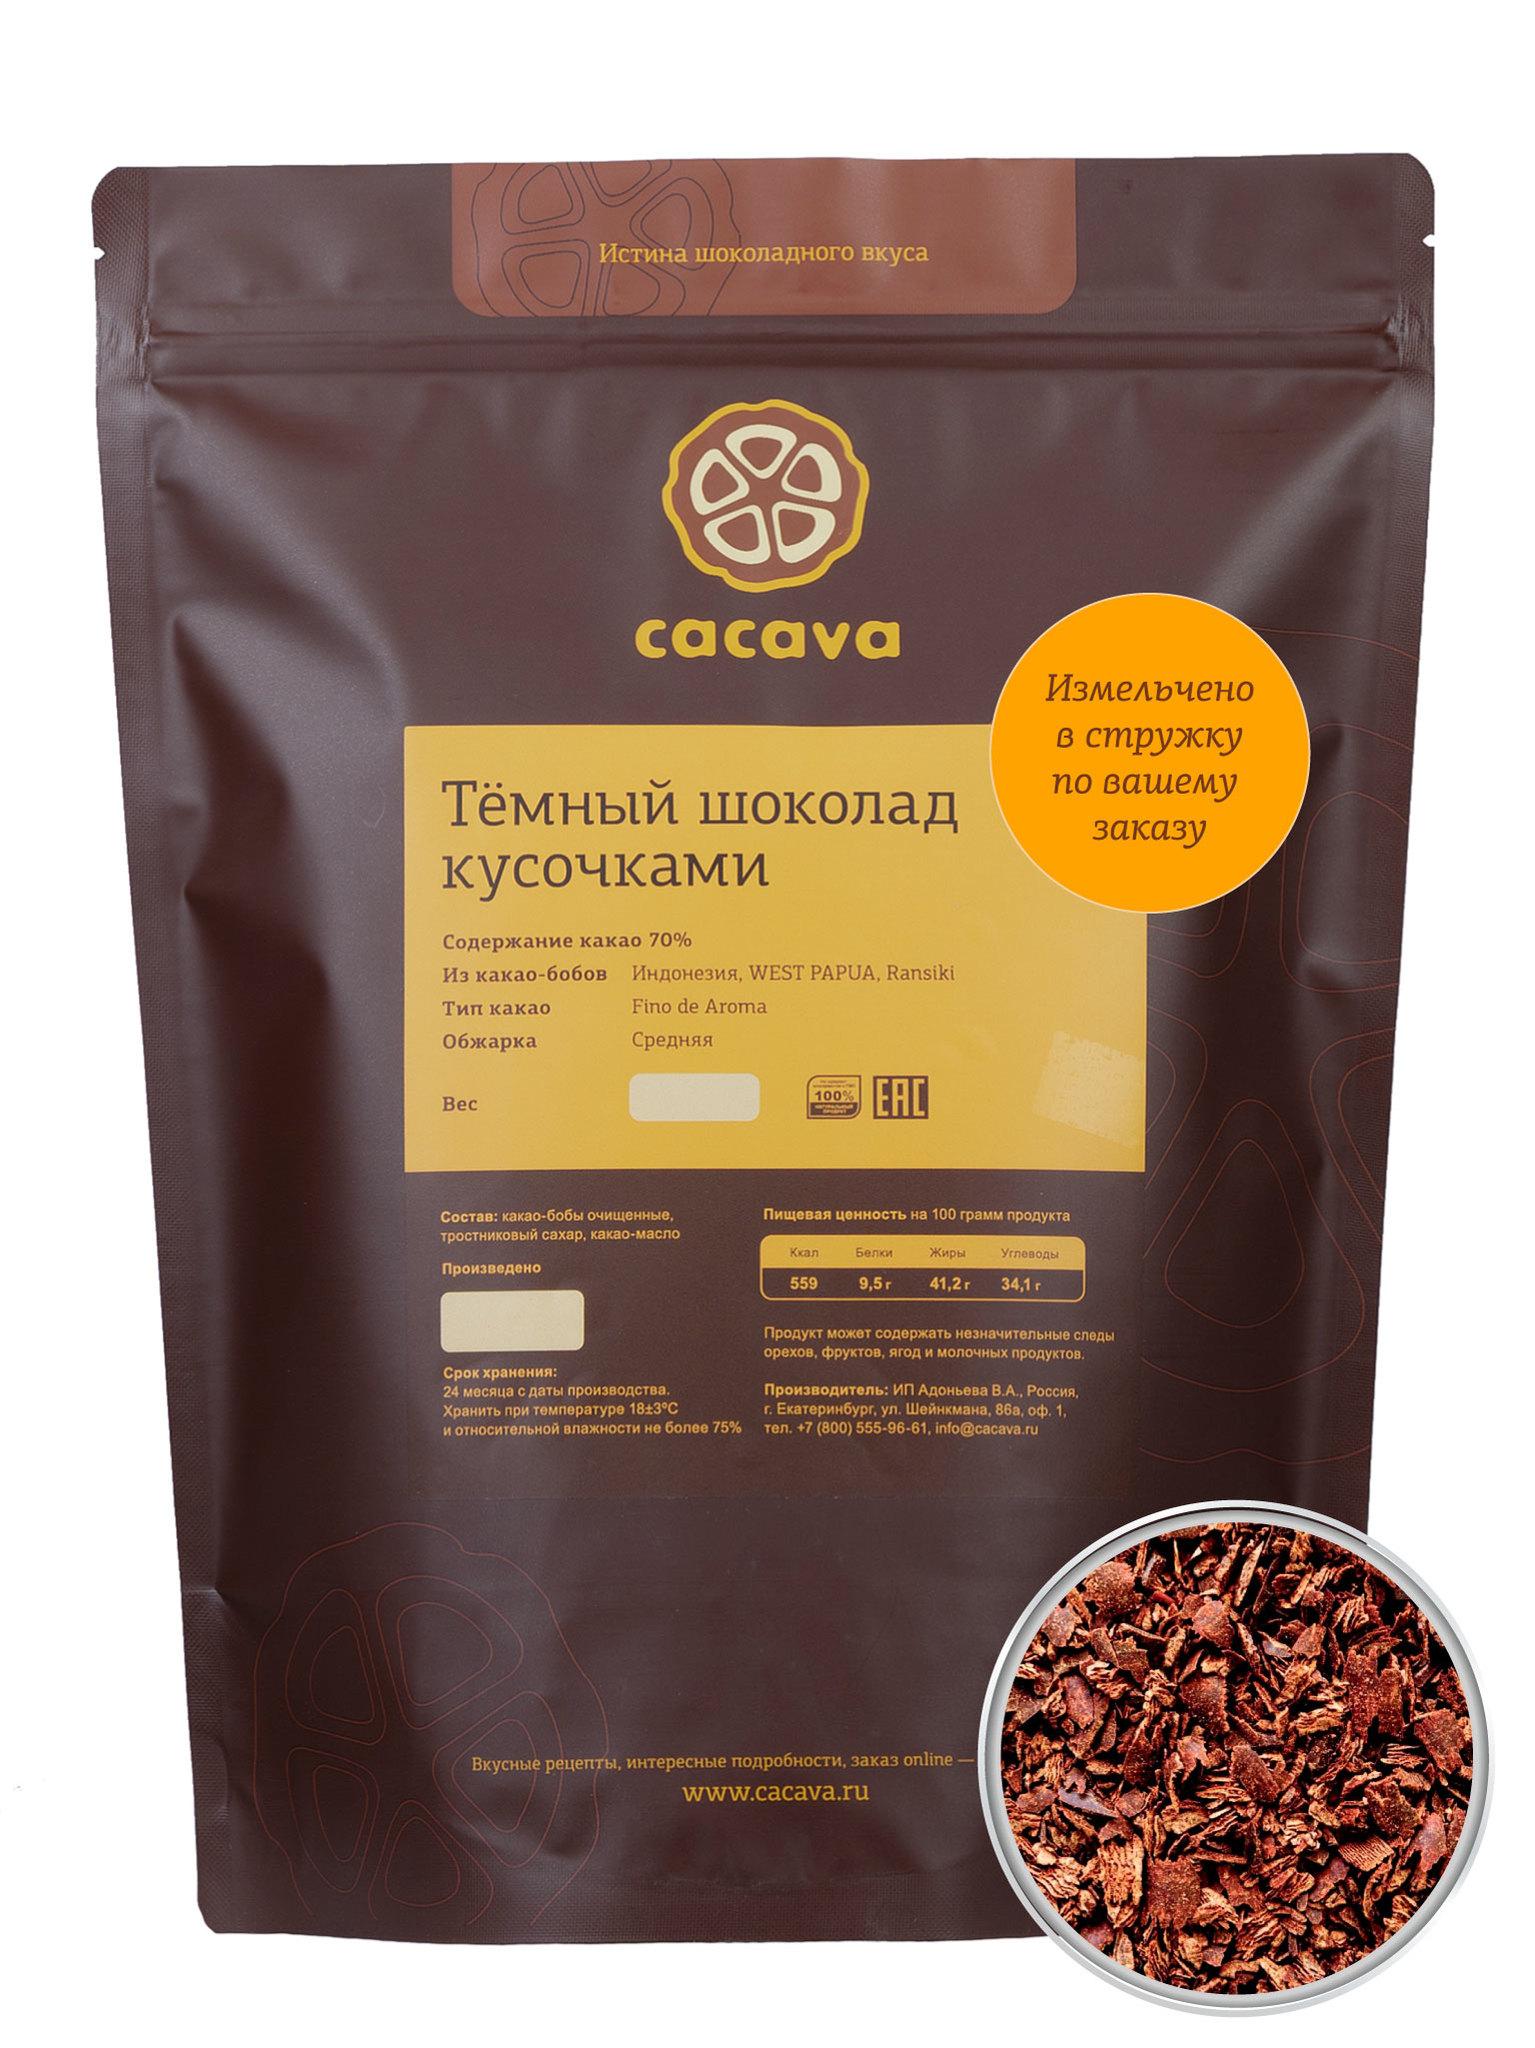 Тёмный шоколад 70 % какао в стружке (Индонезия, WEST PAPUA, Ransiki), упаковка 1 кг